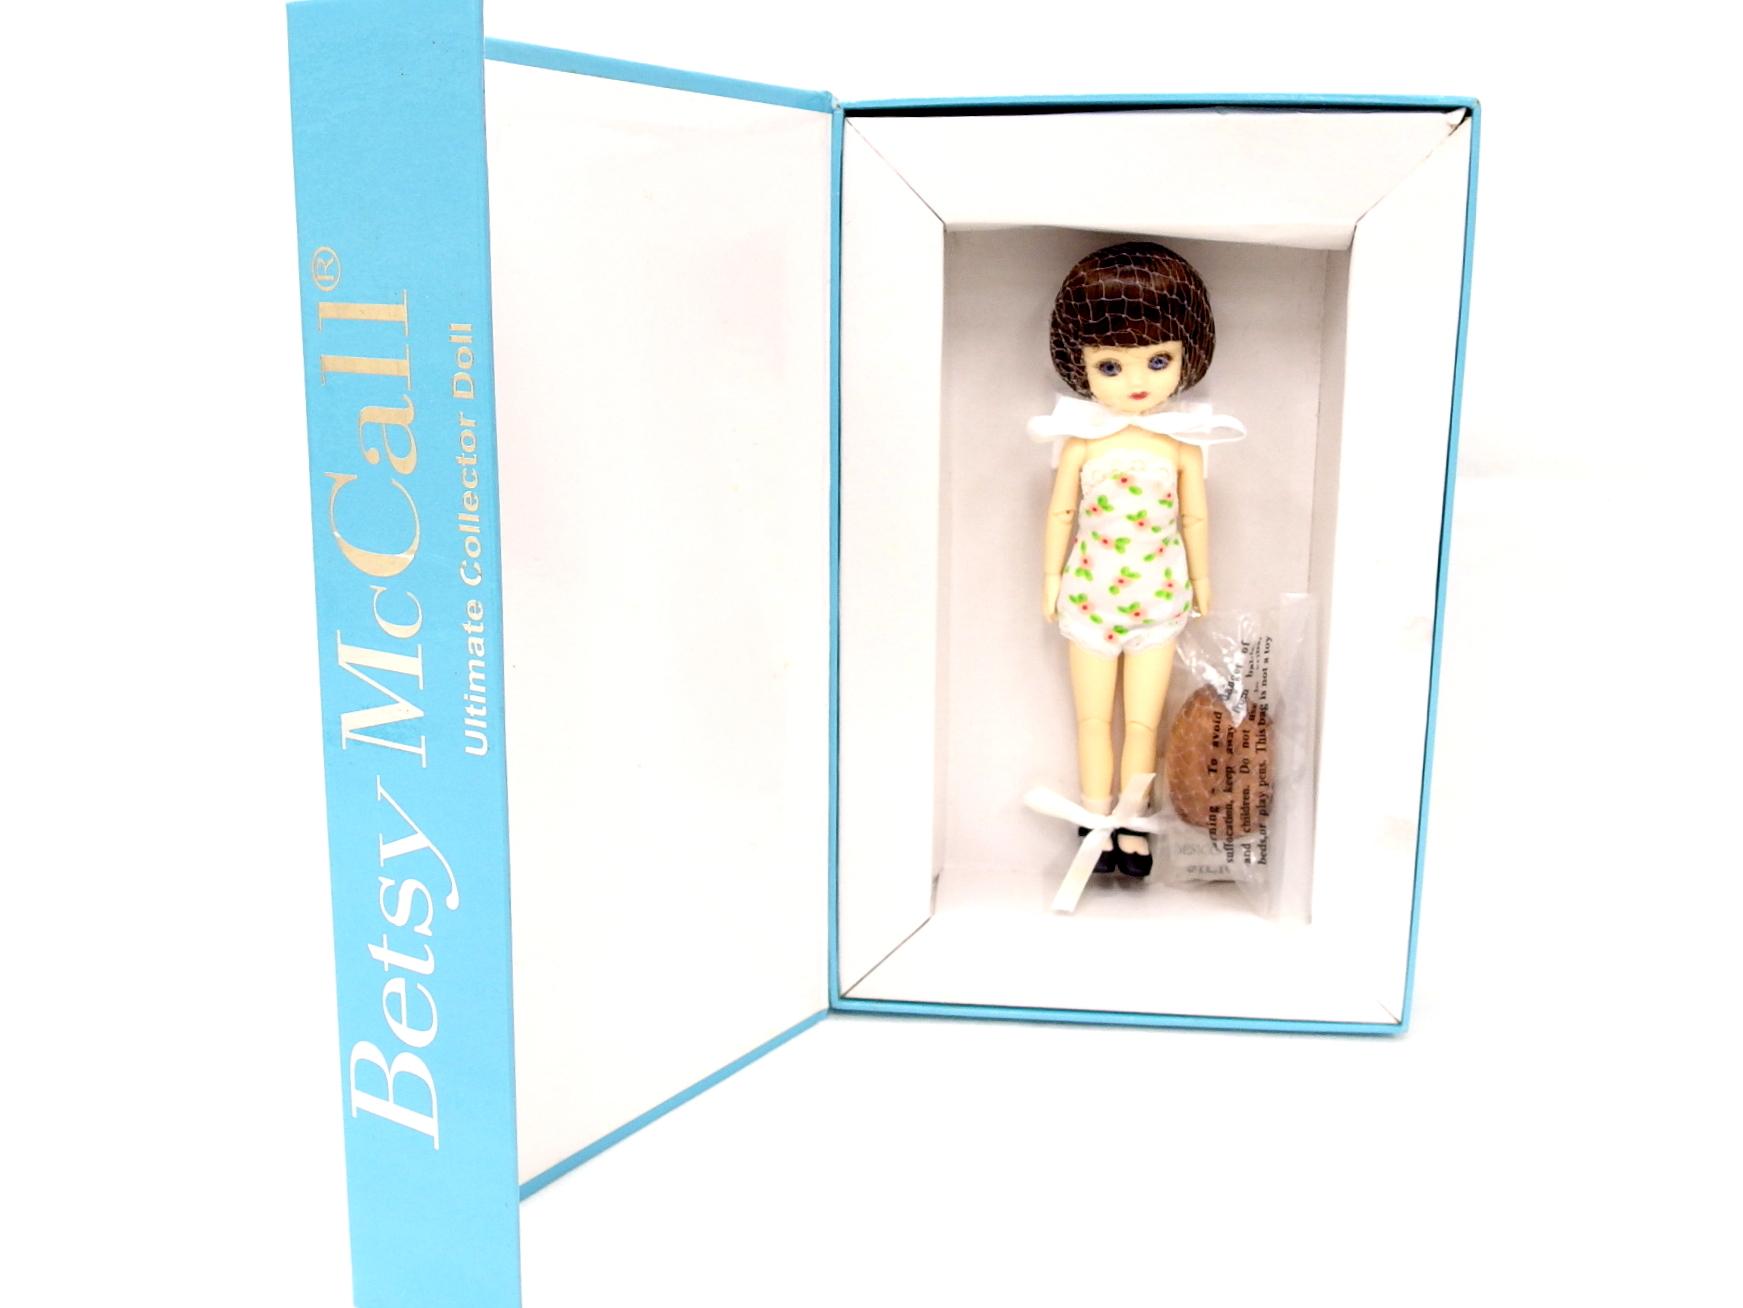 エファンビー社 ベッツィー・マッコール Ultimate Collector Doll 500体限定 2008年